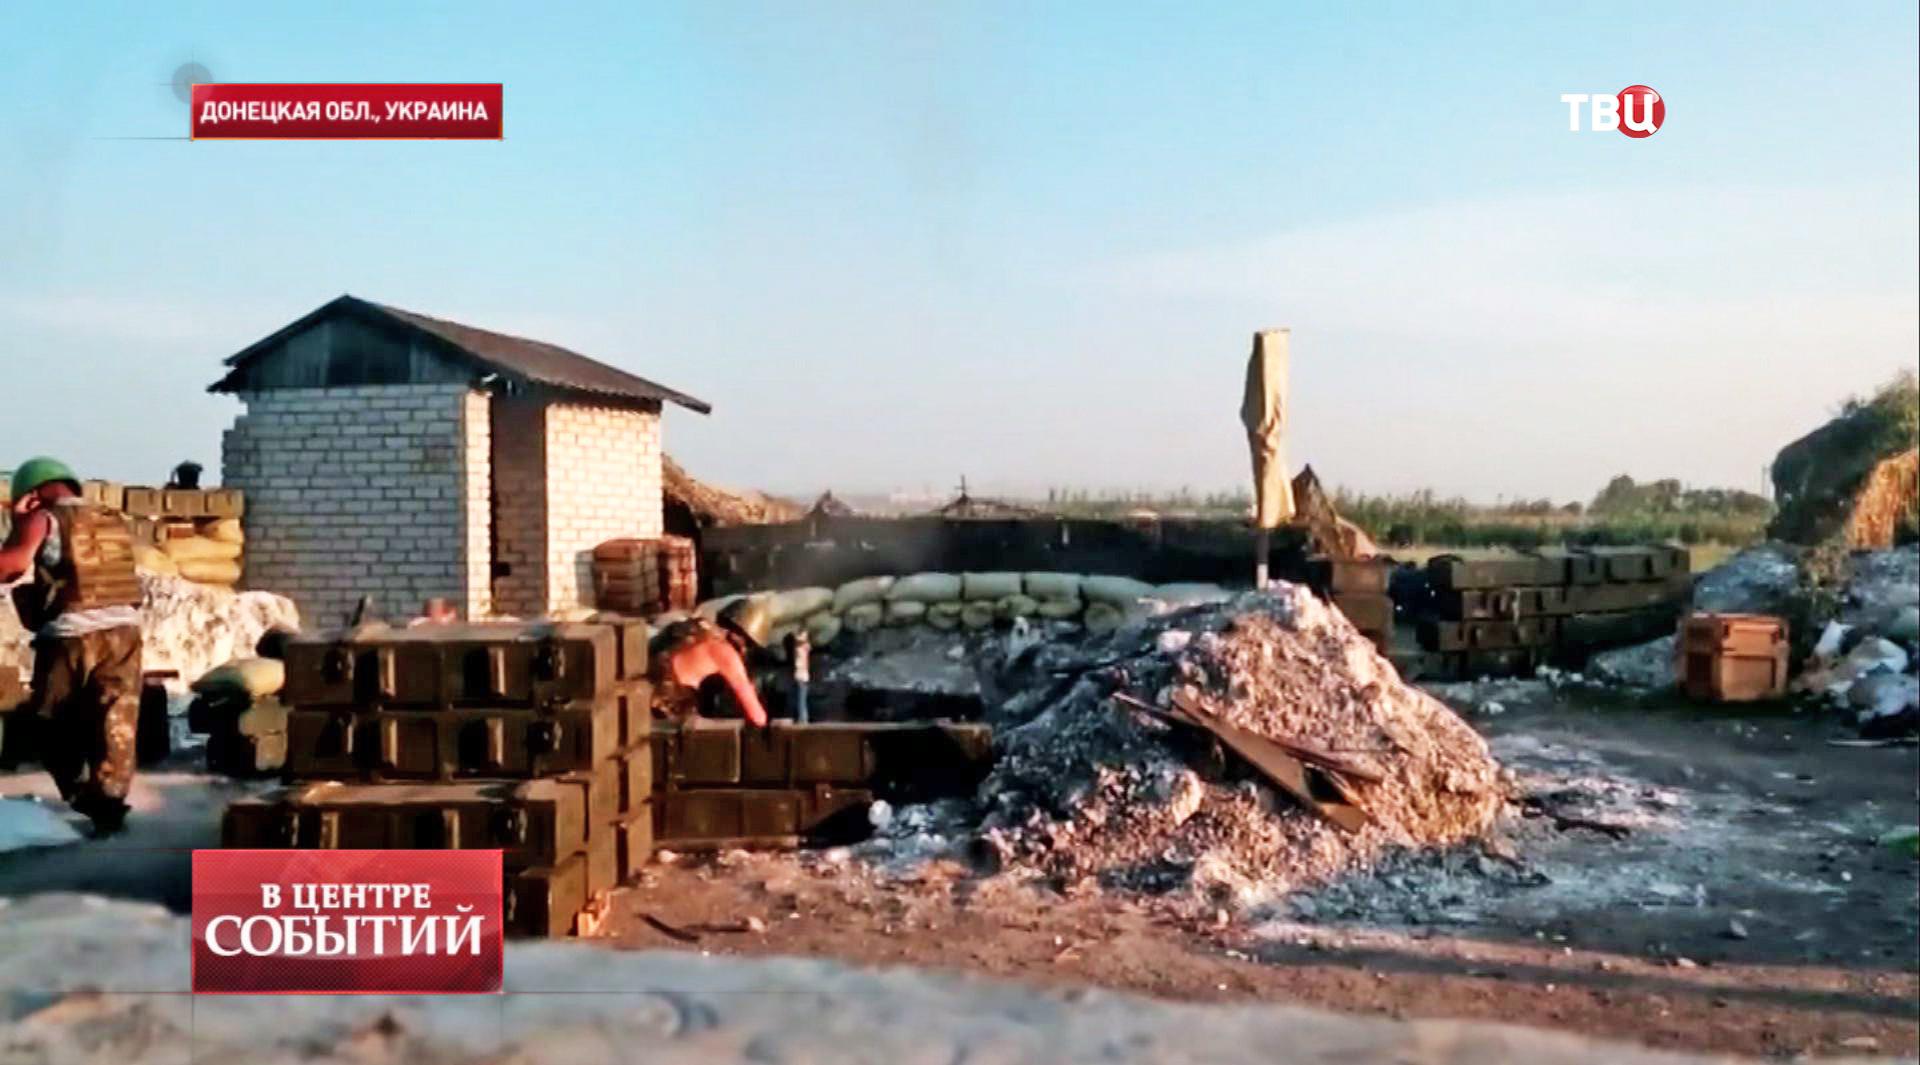 Позиция минометного расчета украинской армии в Донецкой области